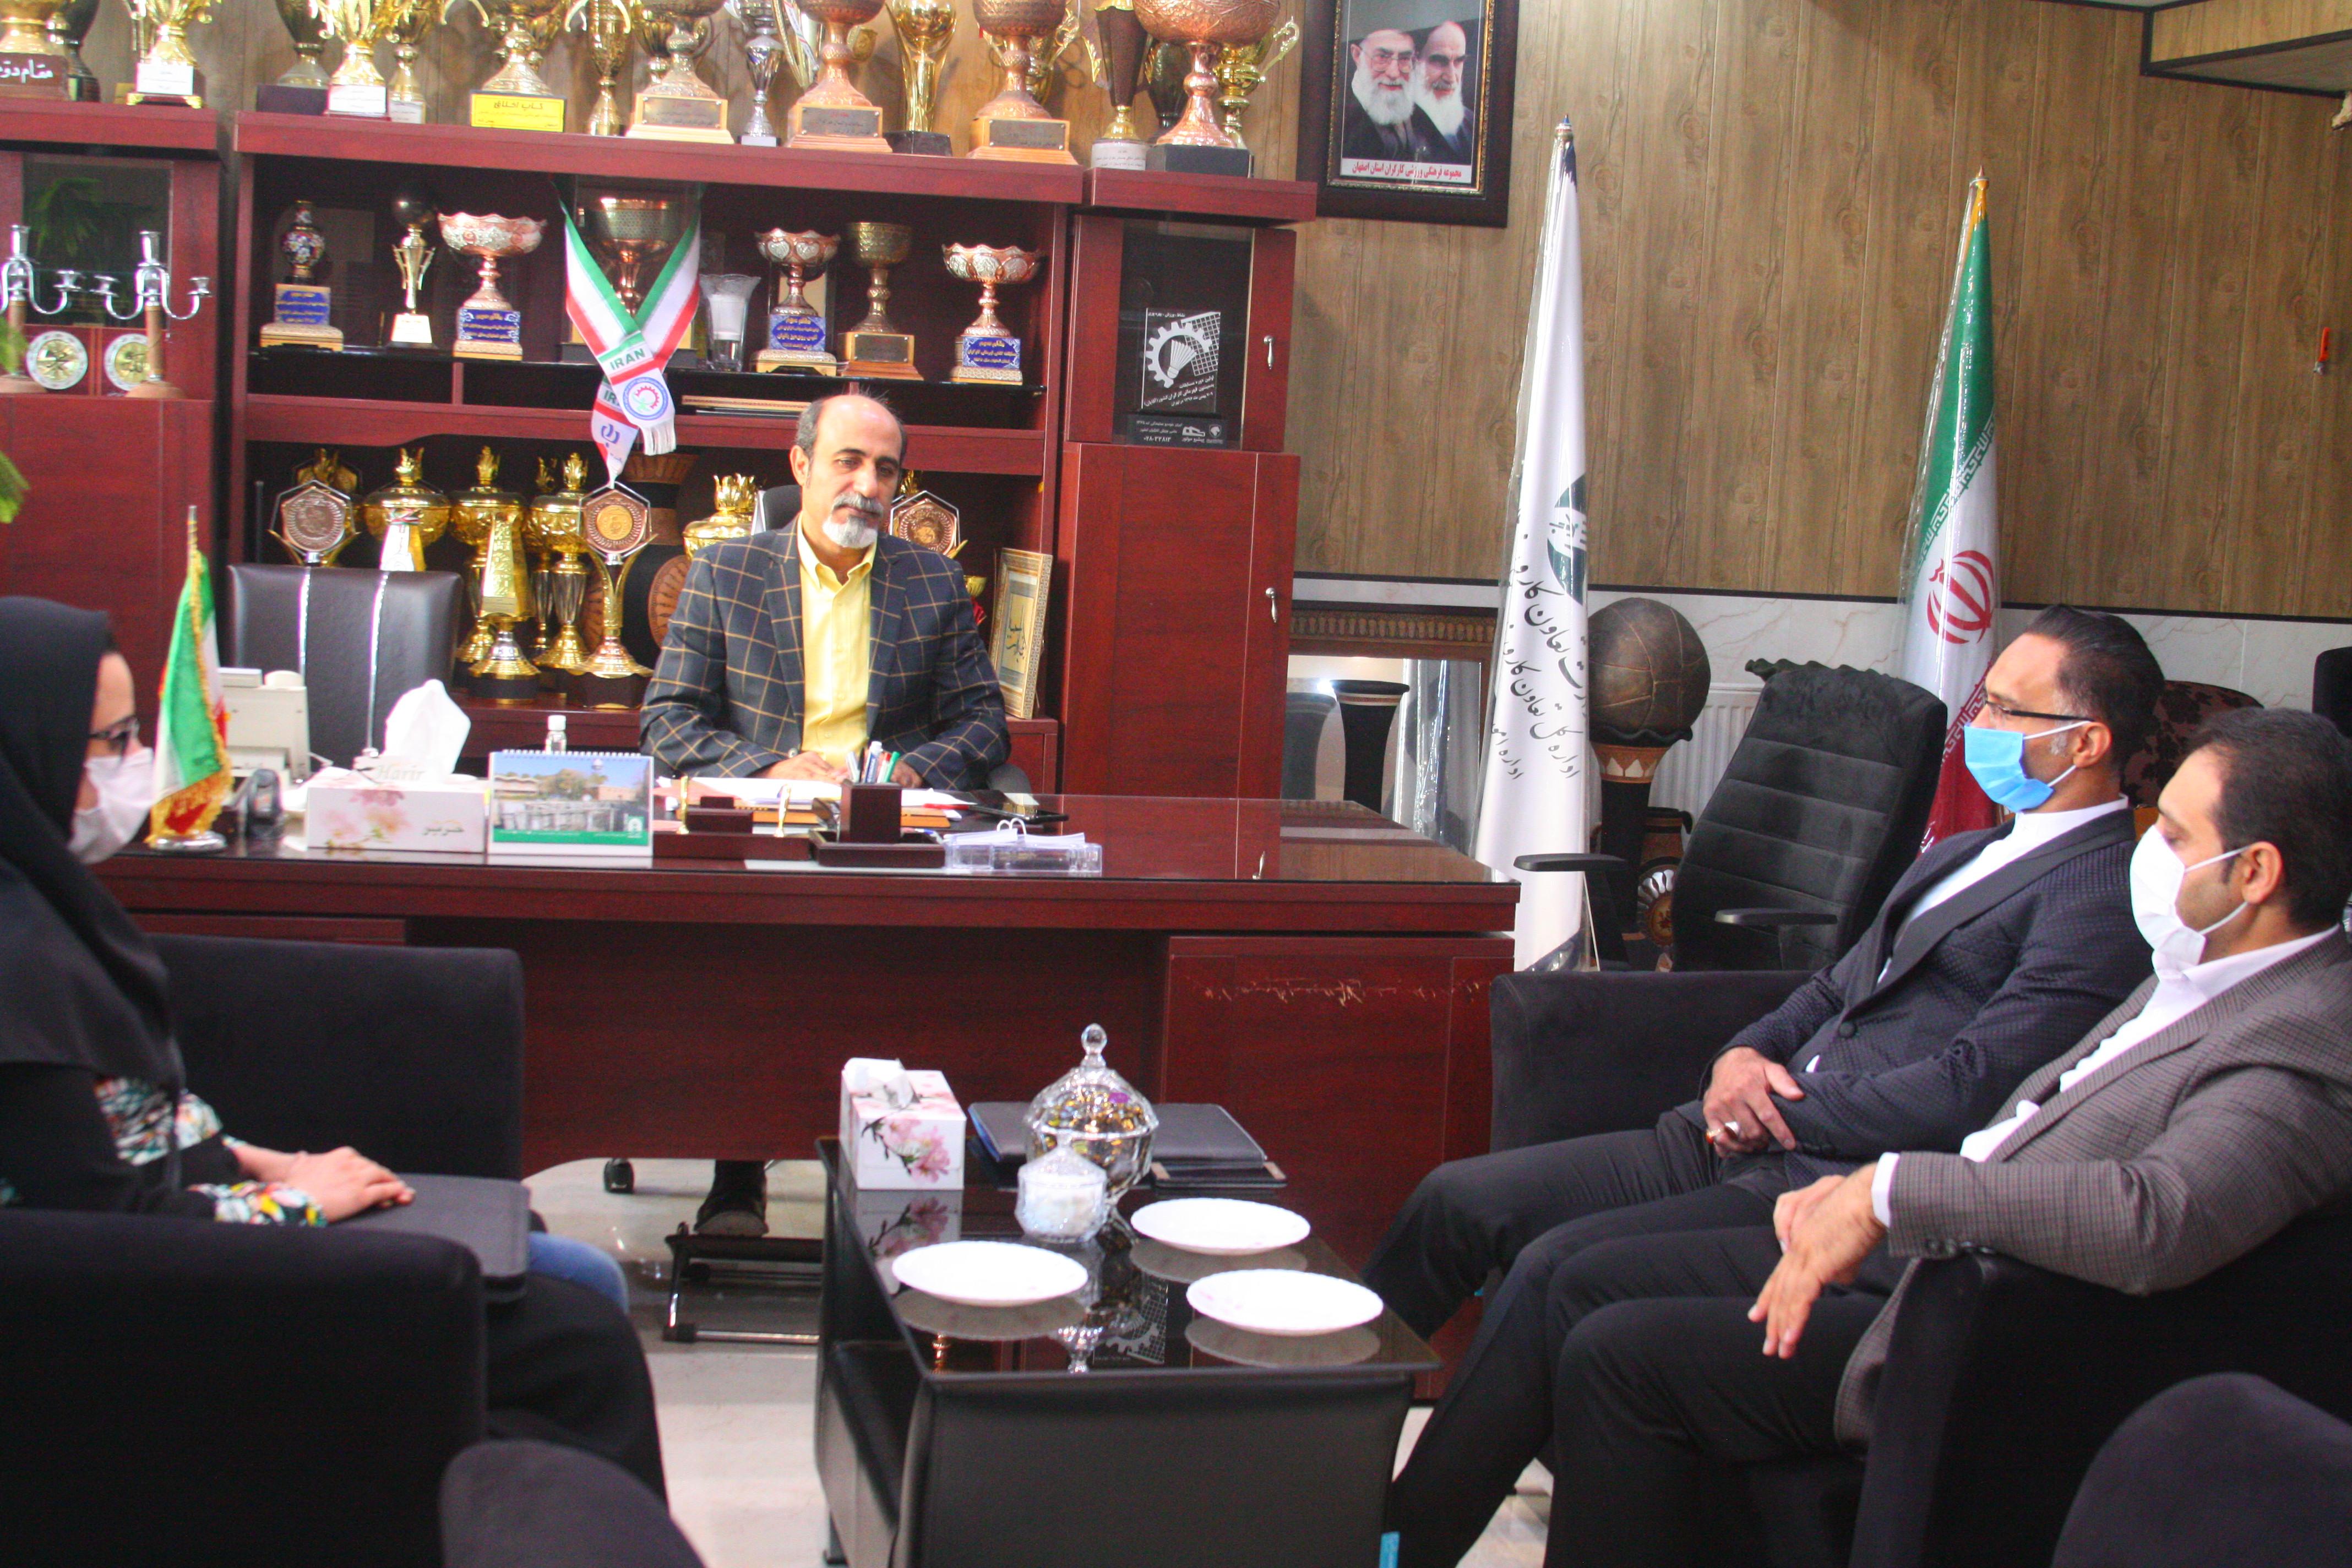 درادامه دیدارهای مهندس امدادیان رئیس محترم مجموعه های ورزشی کارگران استان اصفهان